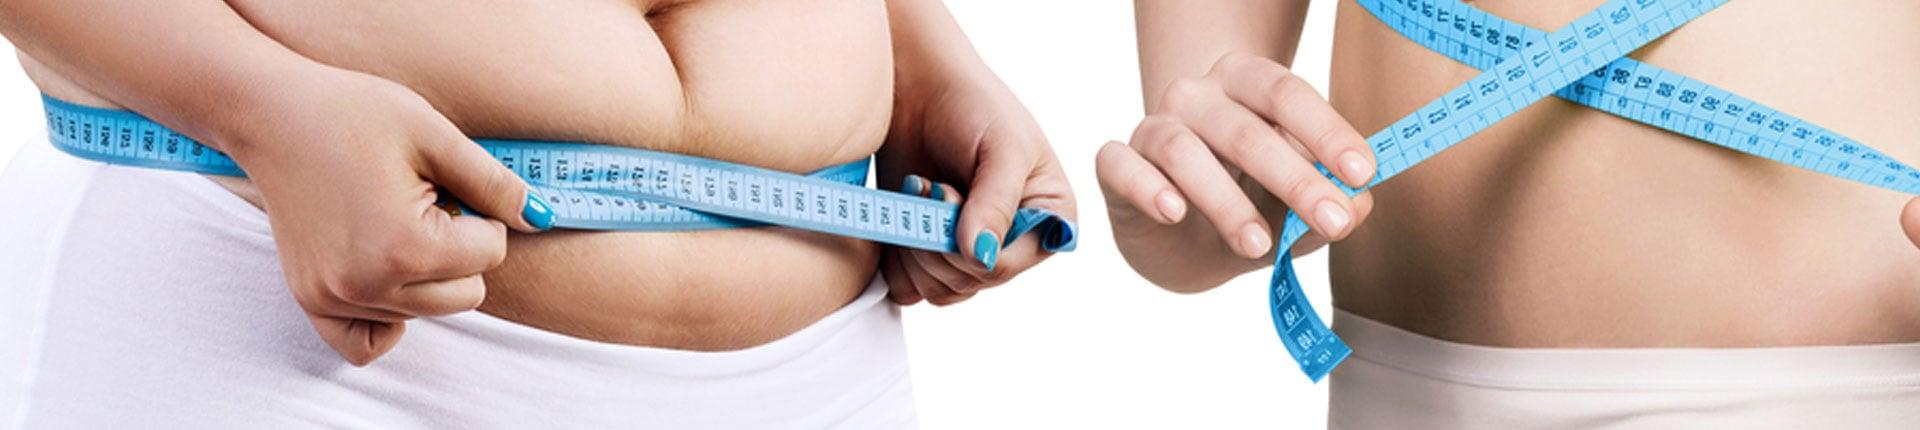 Oporny tłuszcz - wygodna wymówka